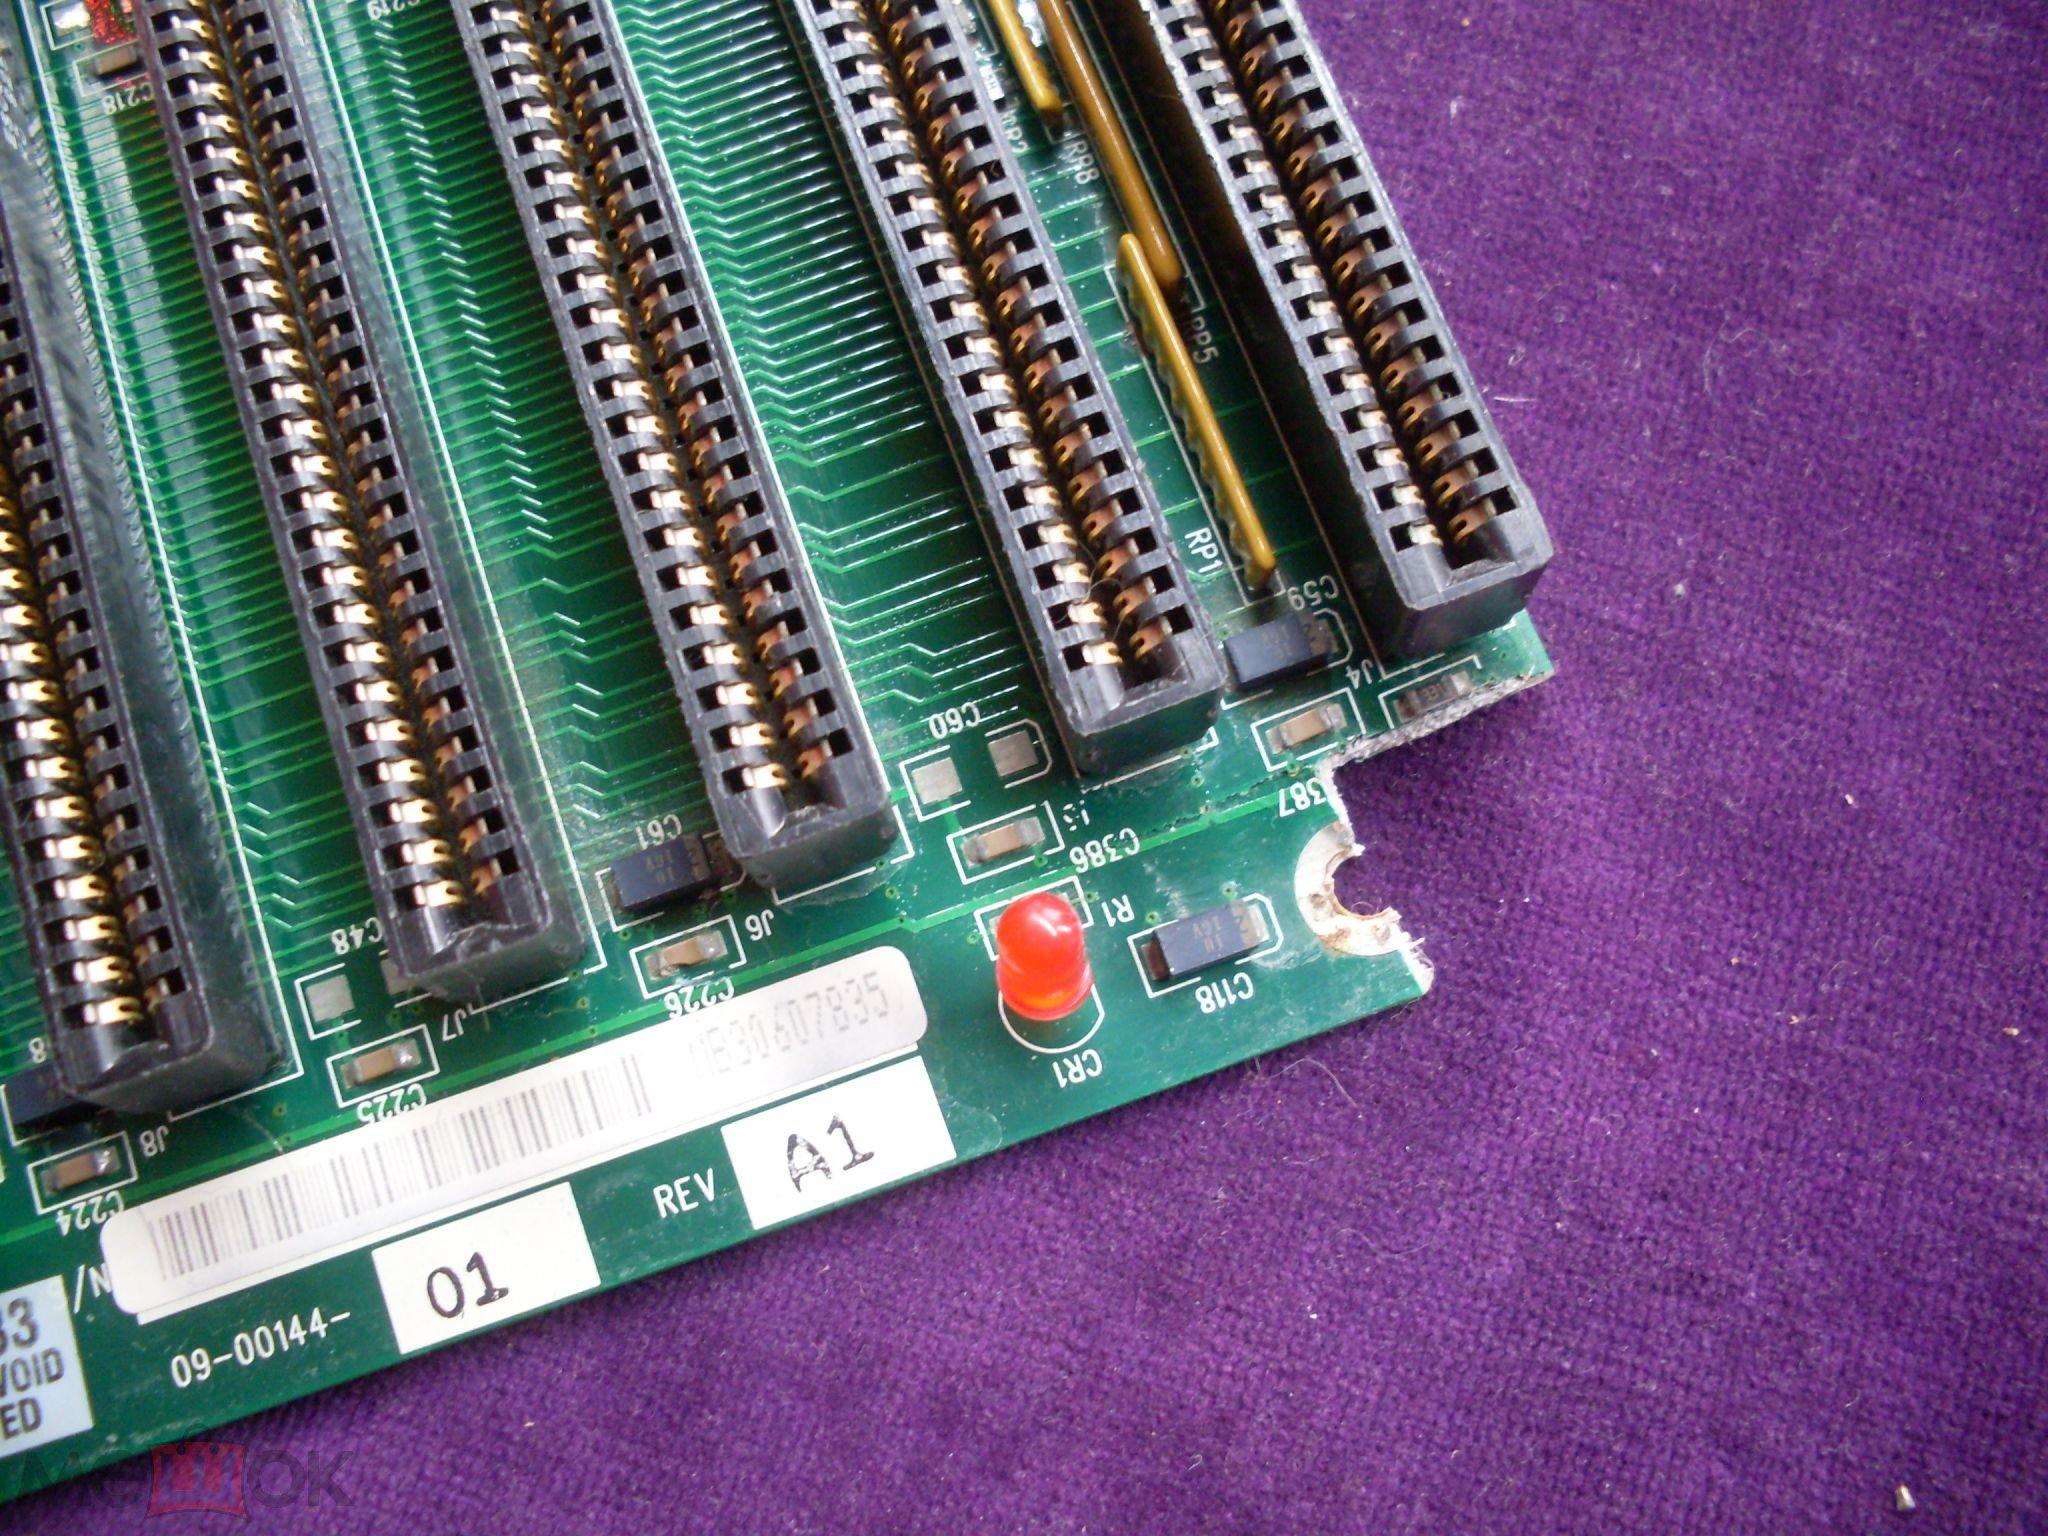 Раритетная материнская плата (1994 года) CHIPS с двумя сокетами для  процессоров 80486 в коллекцию